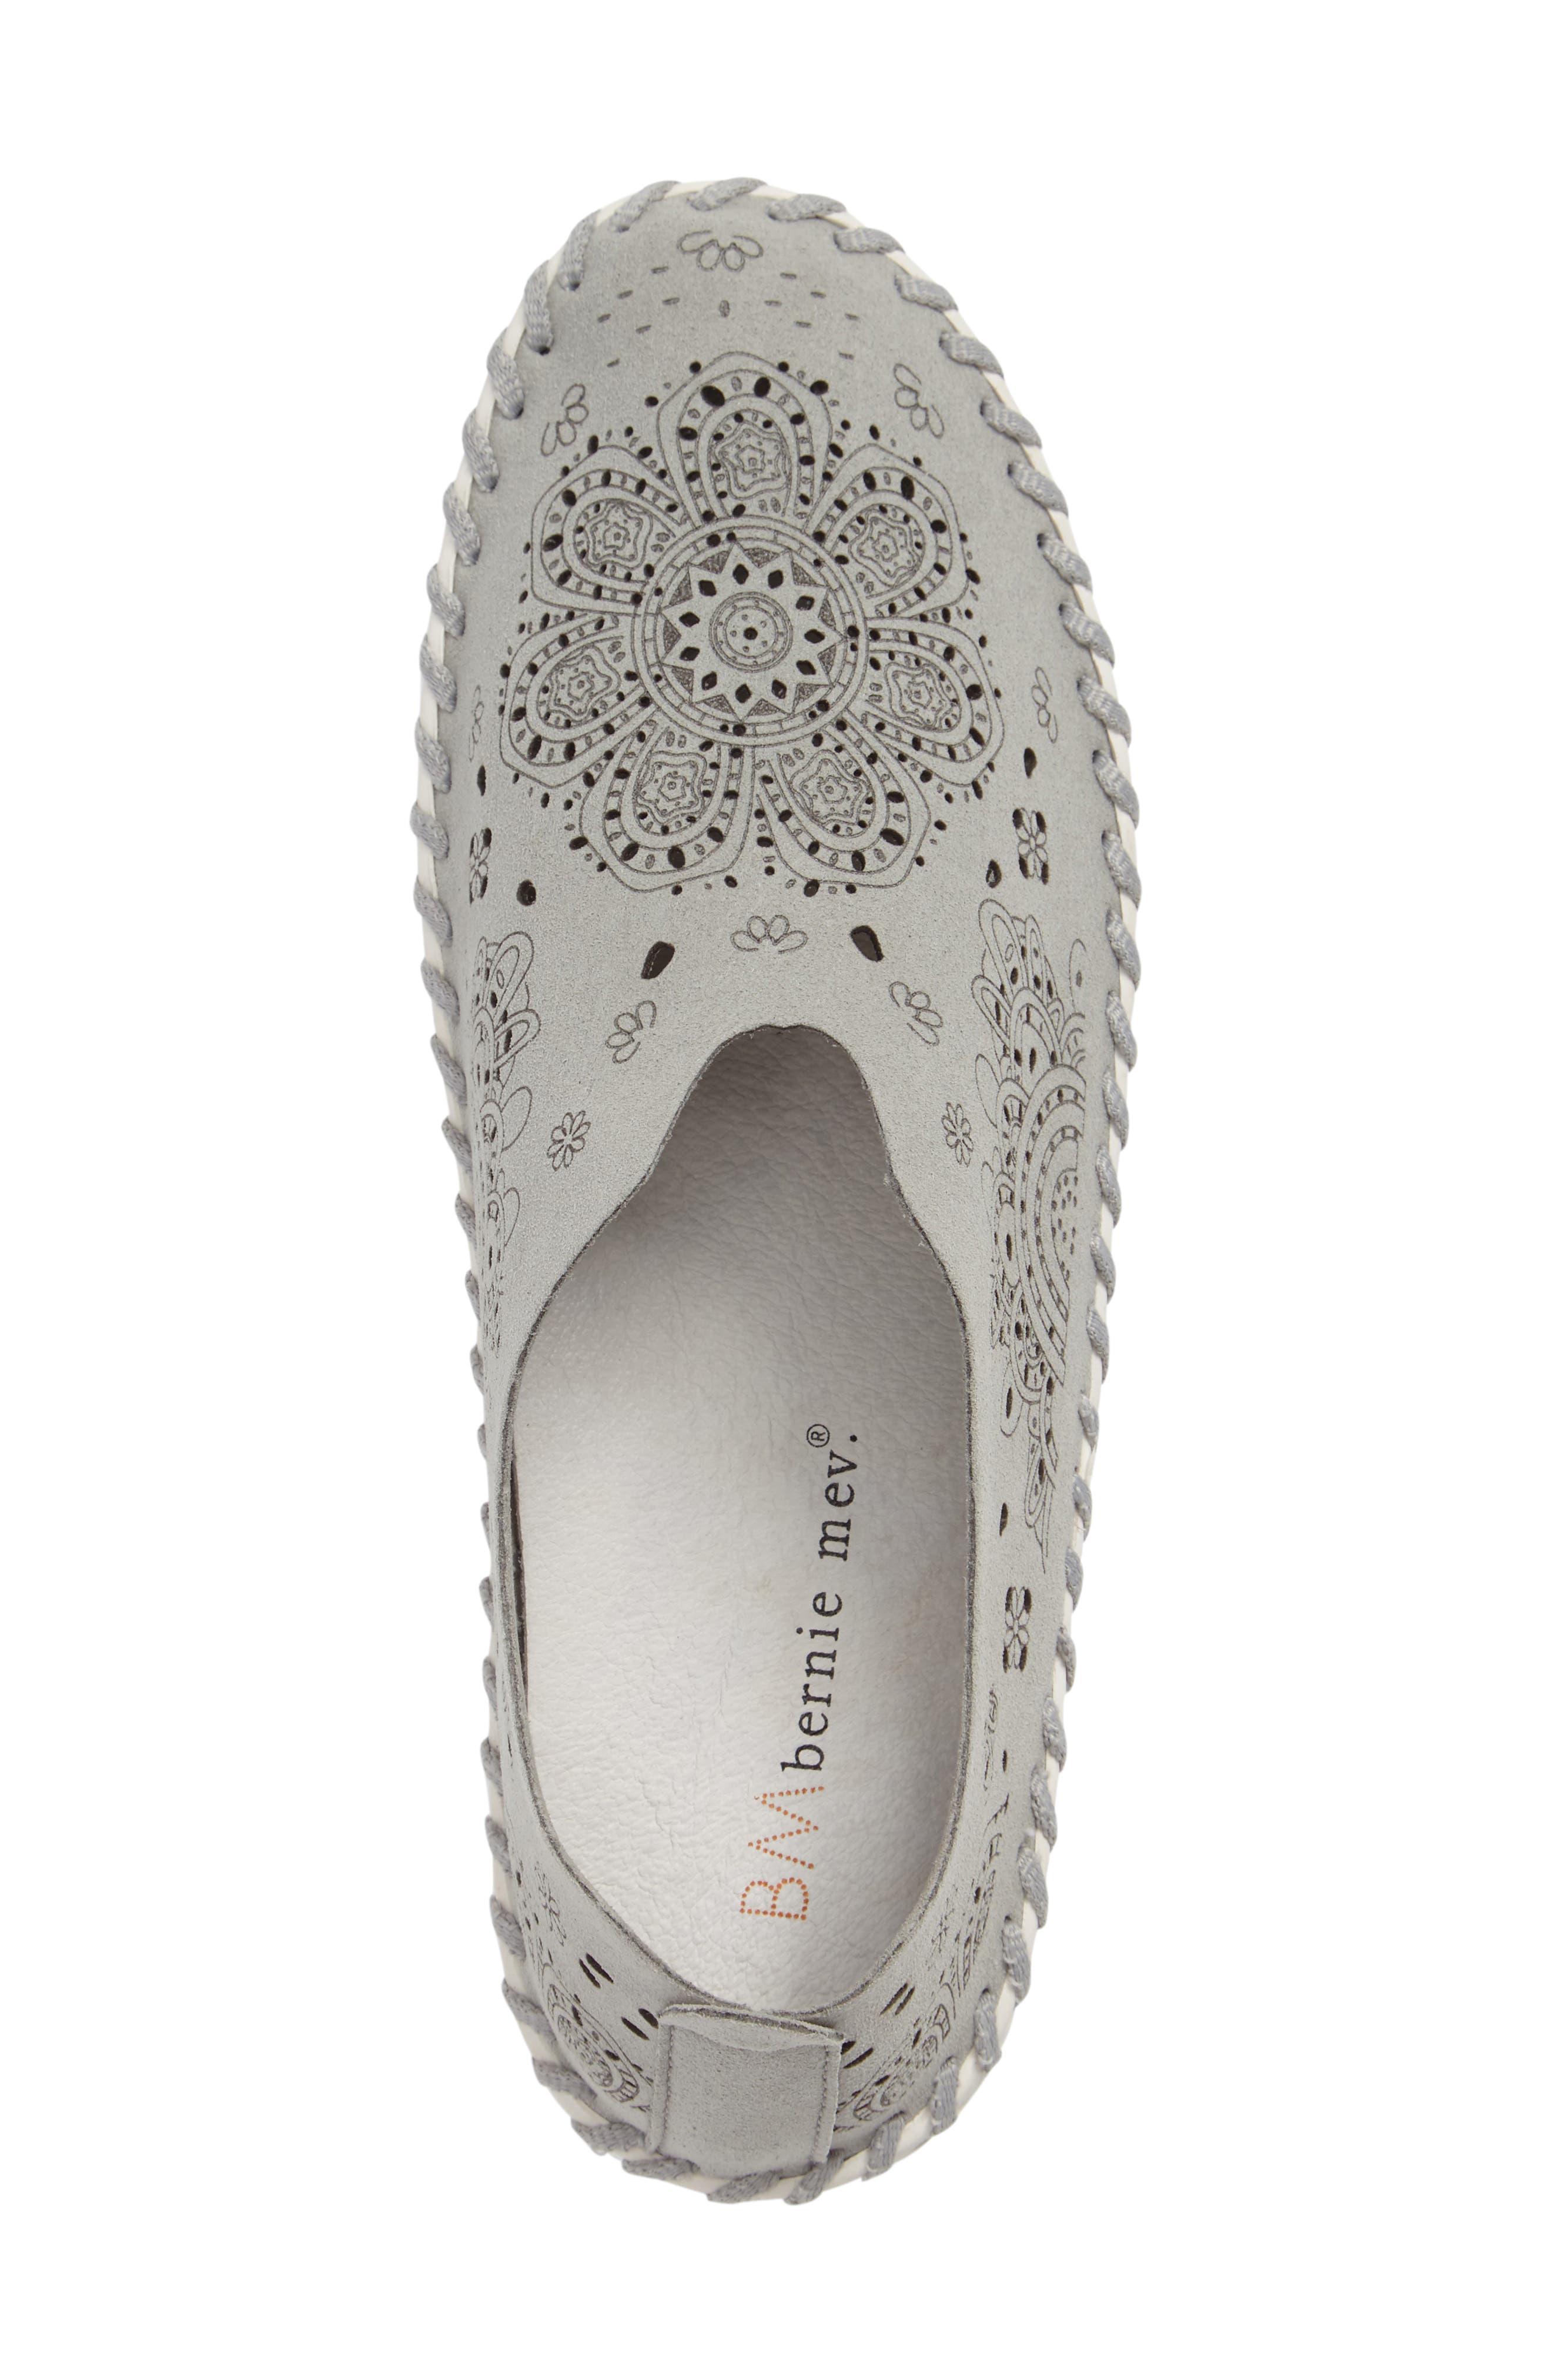 TW09 Slip-On Sneaker,                             Alternate thumbnail 3, color,                             Light Grey Leather